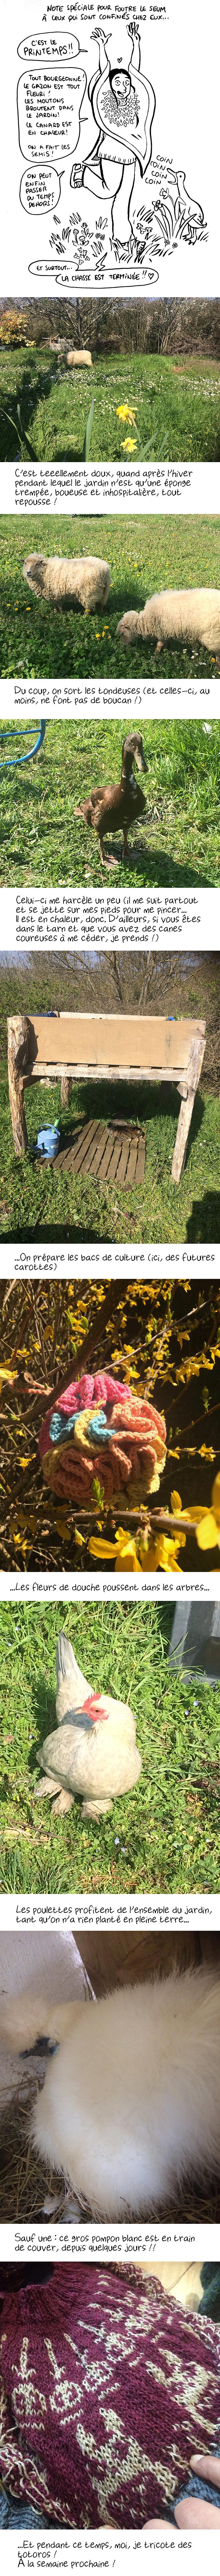 http://melaka.free.fr/blog/printemps2021.jpg